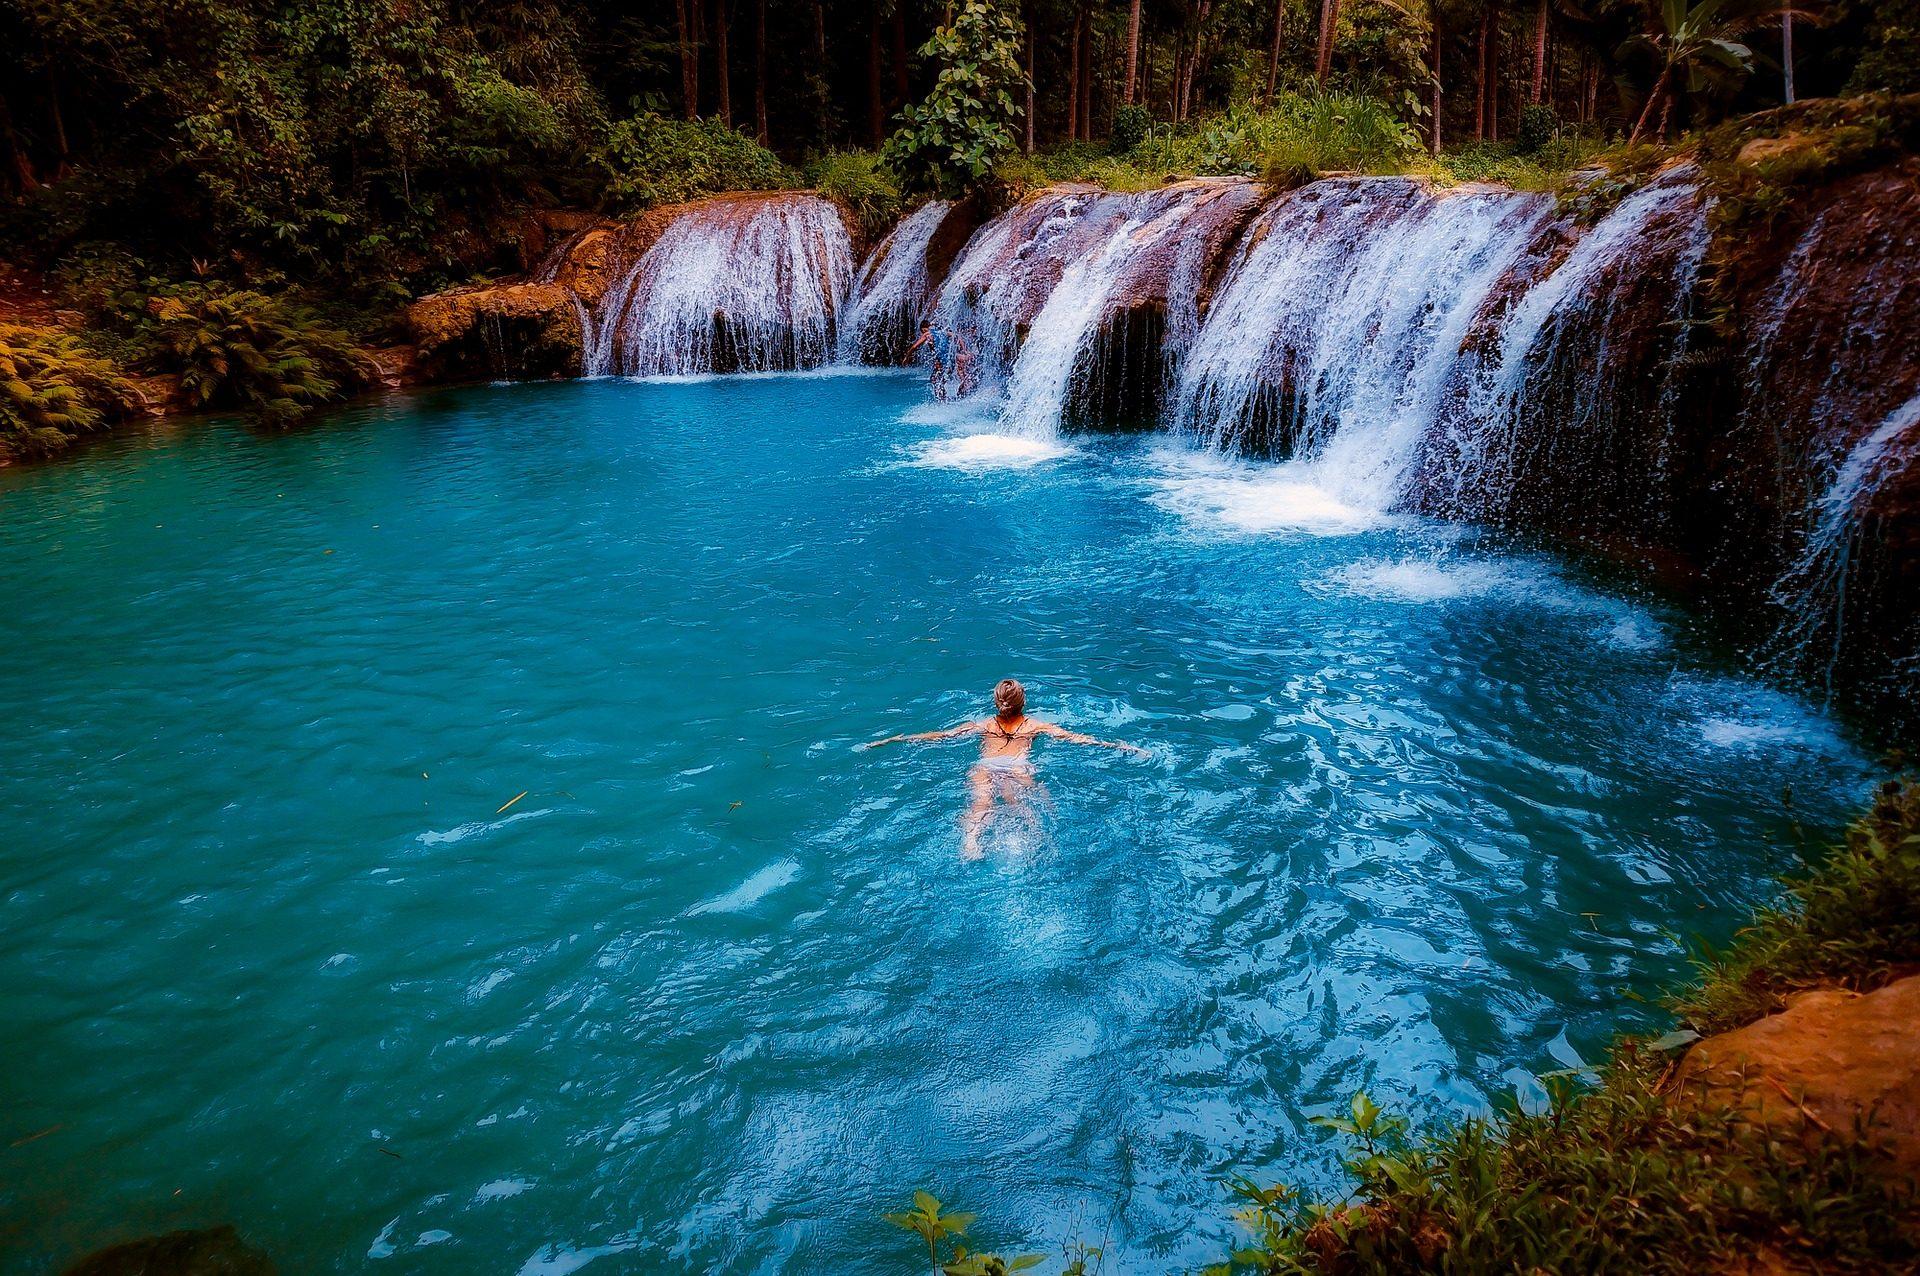 cascada, cataratas, balsa, río, mujer, baño - Fondos de Pantalla HD - professor-falken.com